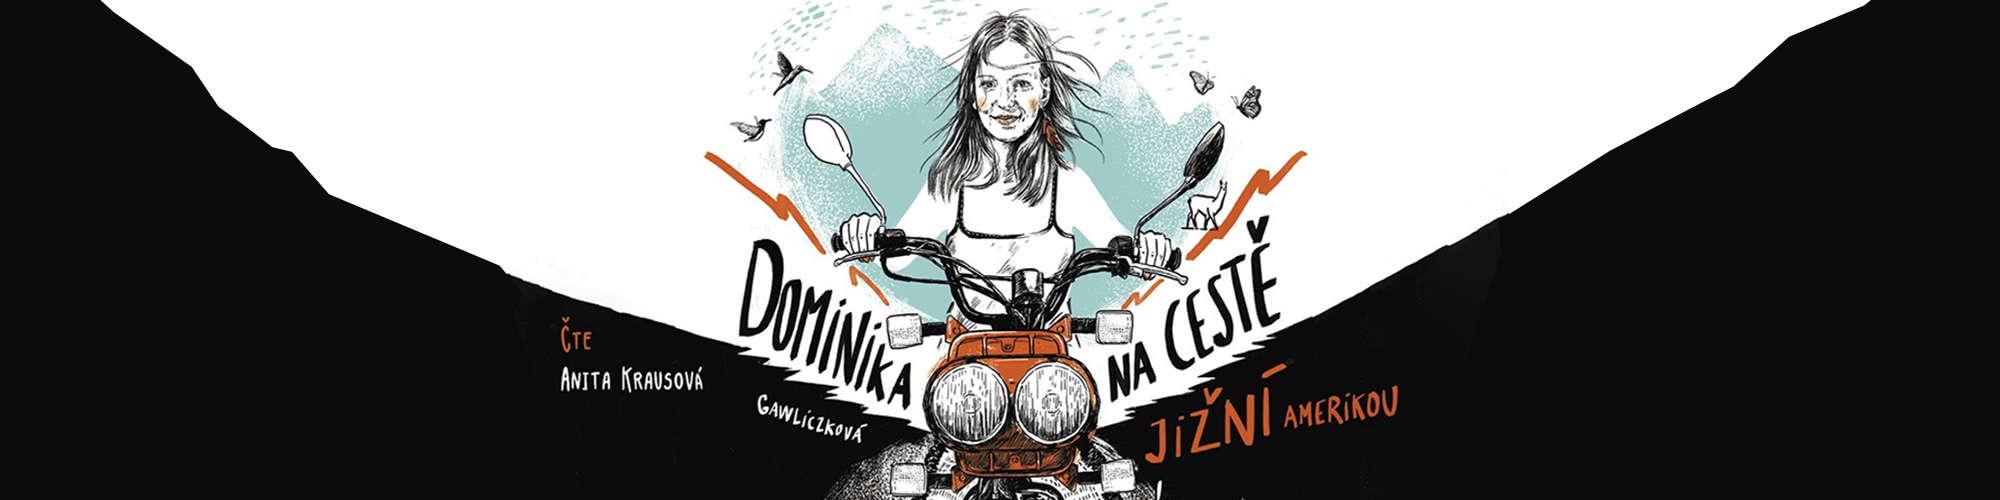 Dominika na cestě